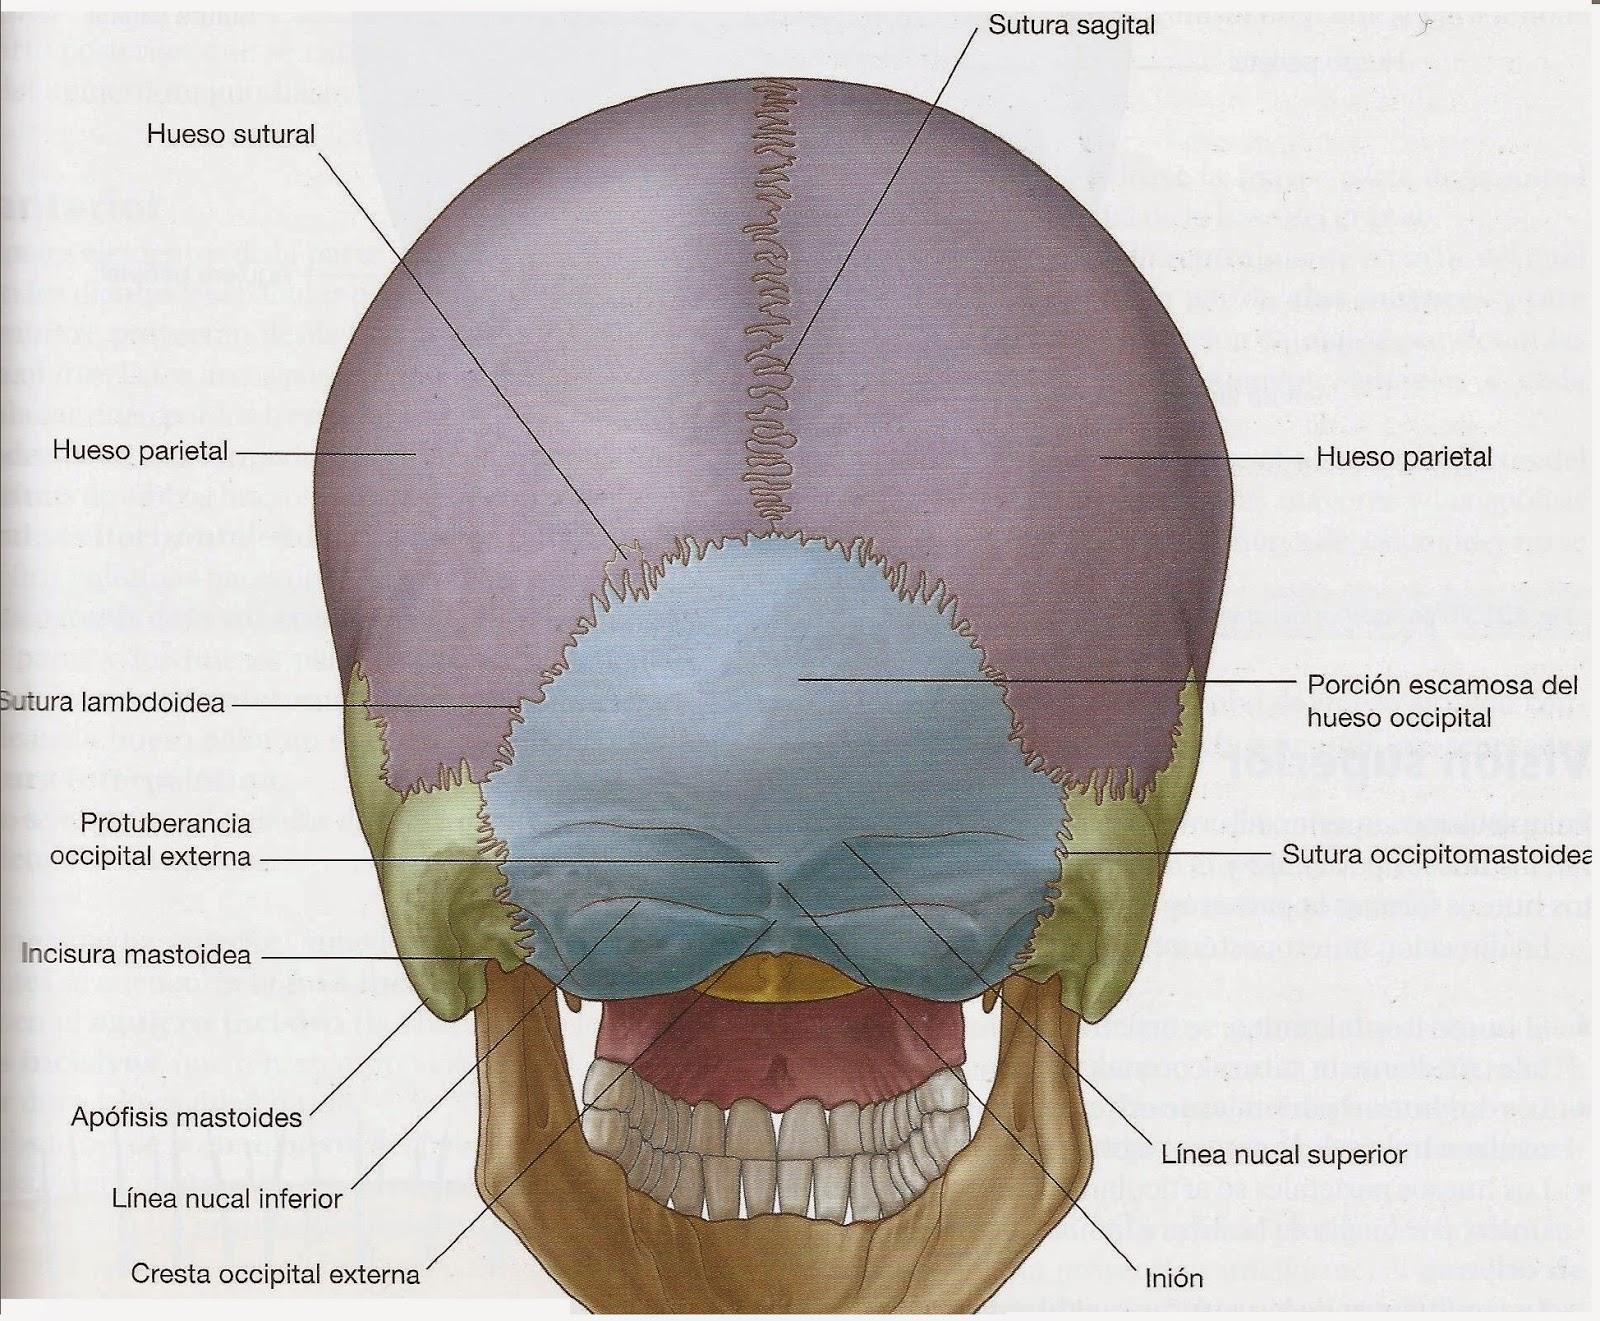 ANATOMÍA: Tejido óseo. EL CRÁNEO. TC, TAC, Rx, RADIOGRAFÍA.